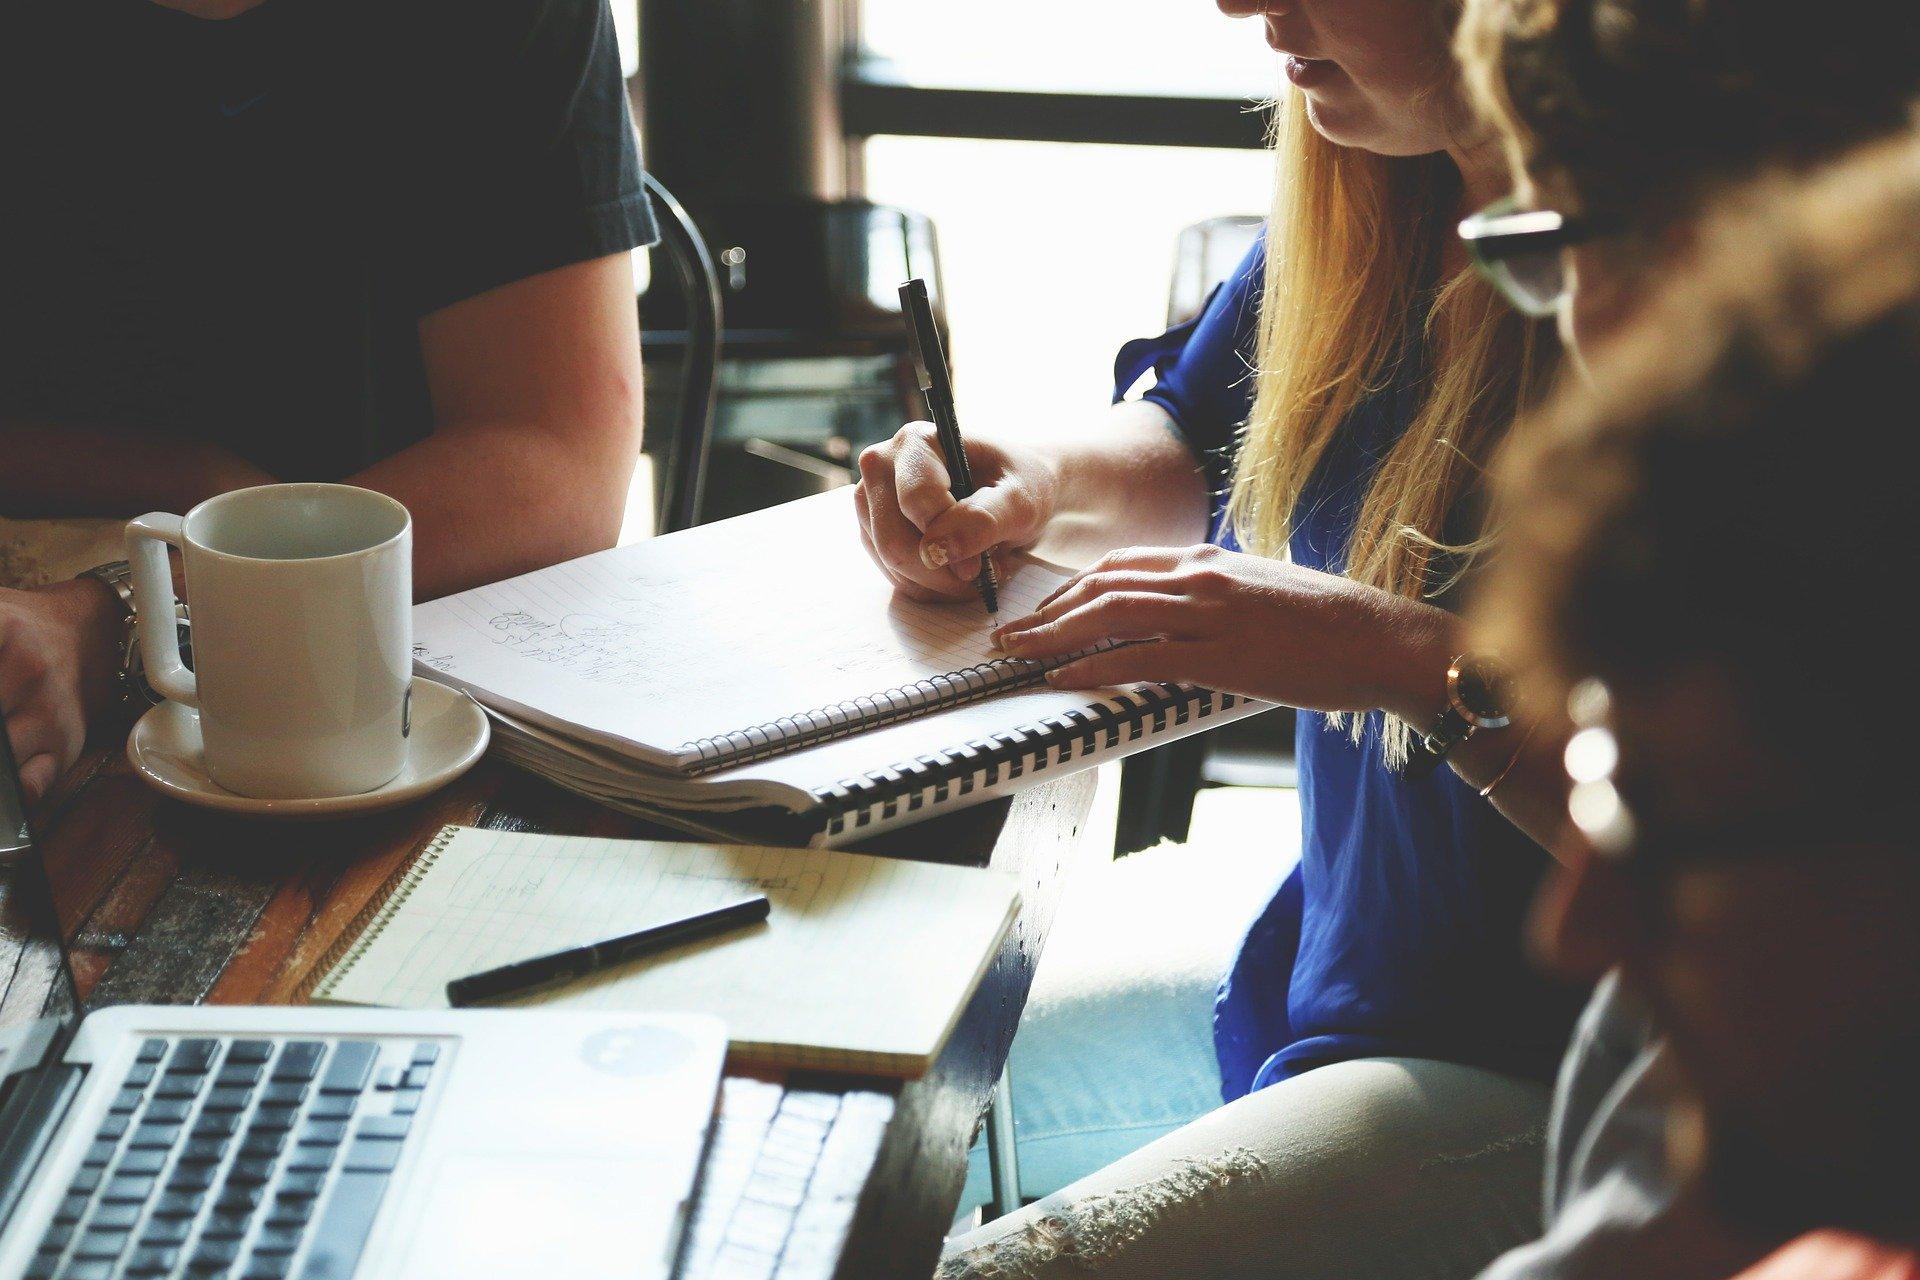 В столице запускают обучение для креативного бизнеса